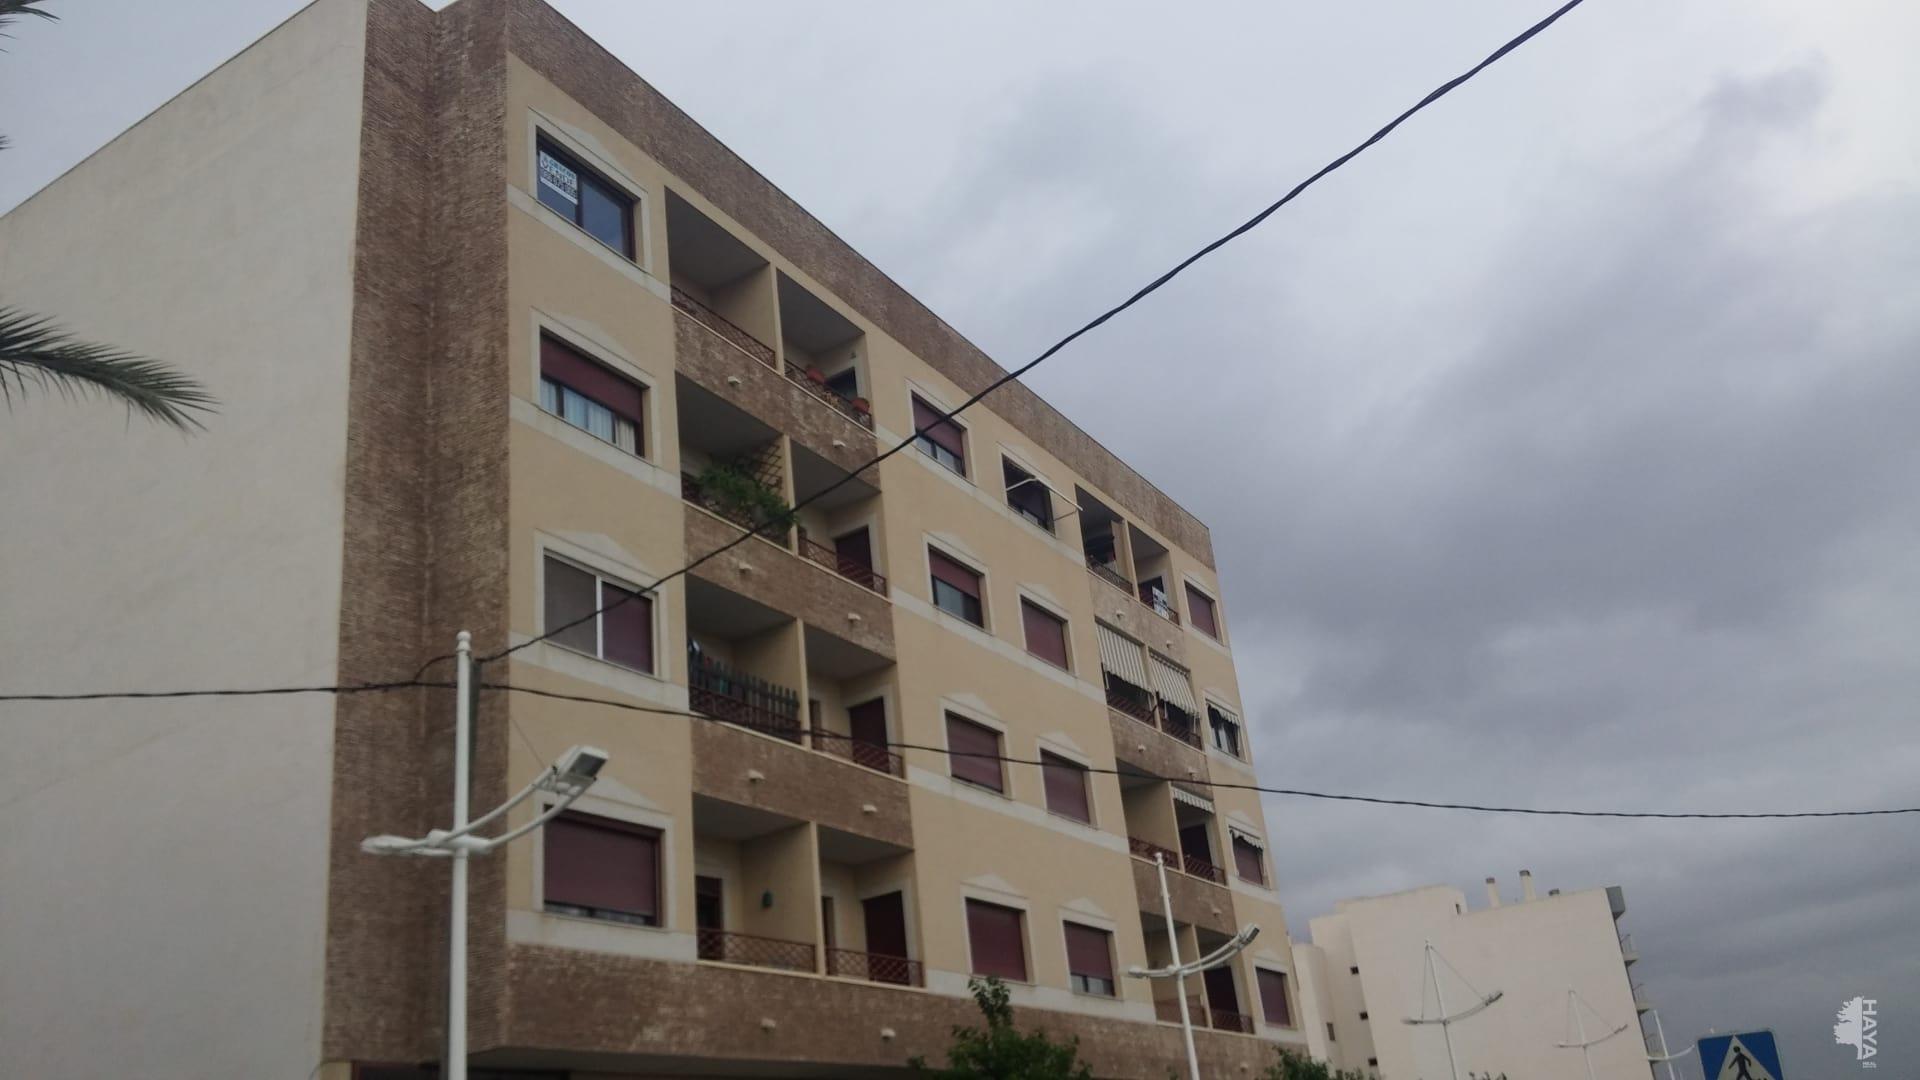 Piso en venta en Albatera, Alicante, Avenida de la Libertad, 88.676 €, 3 habitaciones, 2 baños, 114 m2